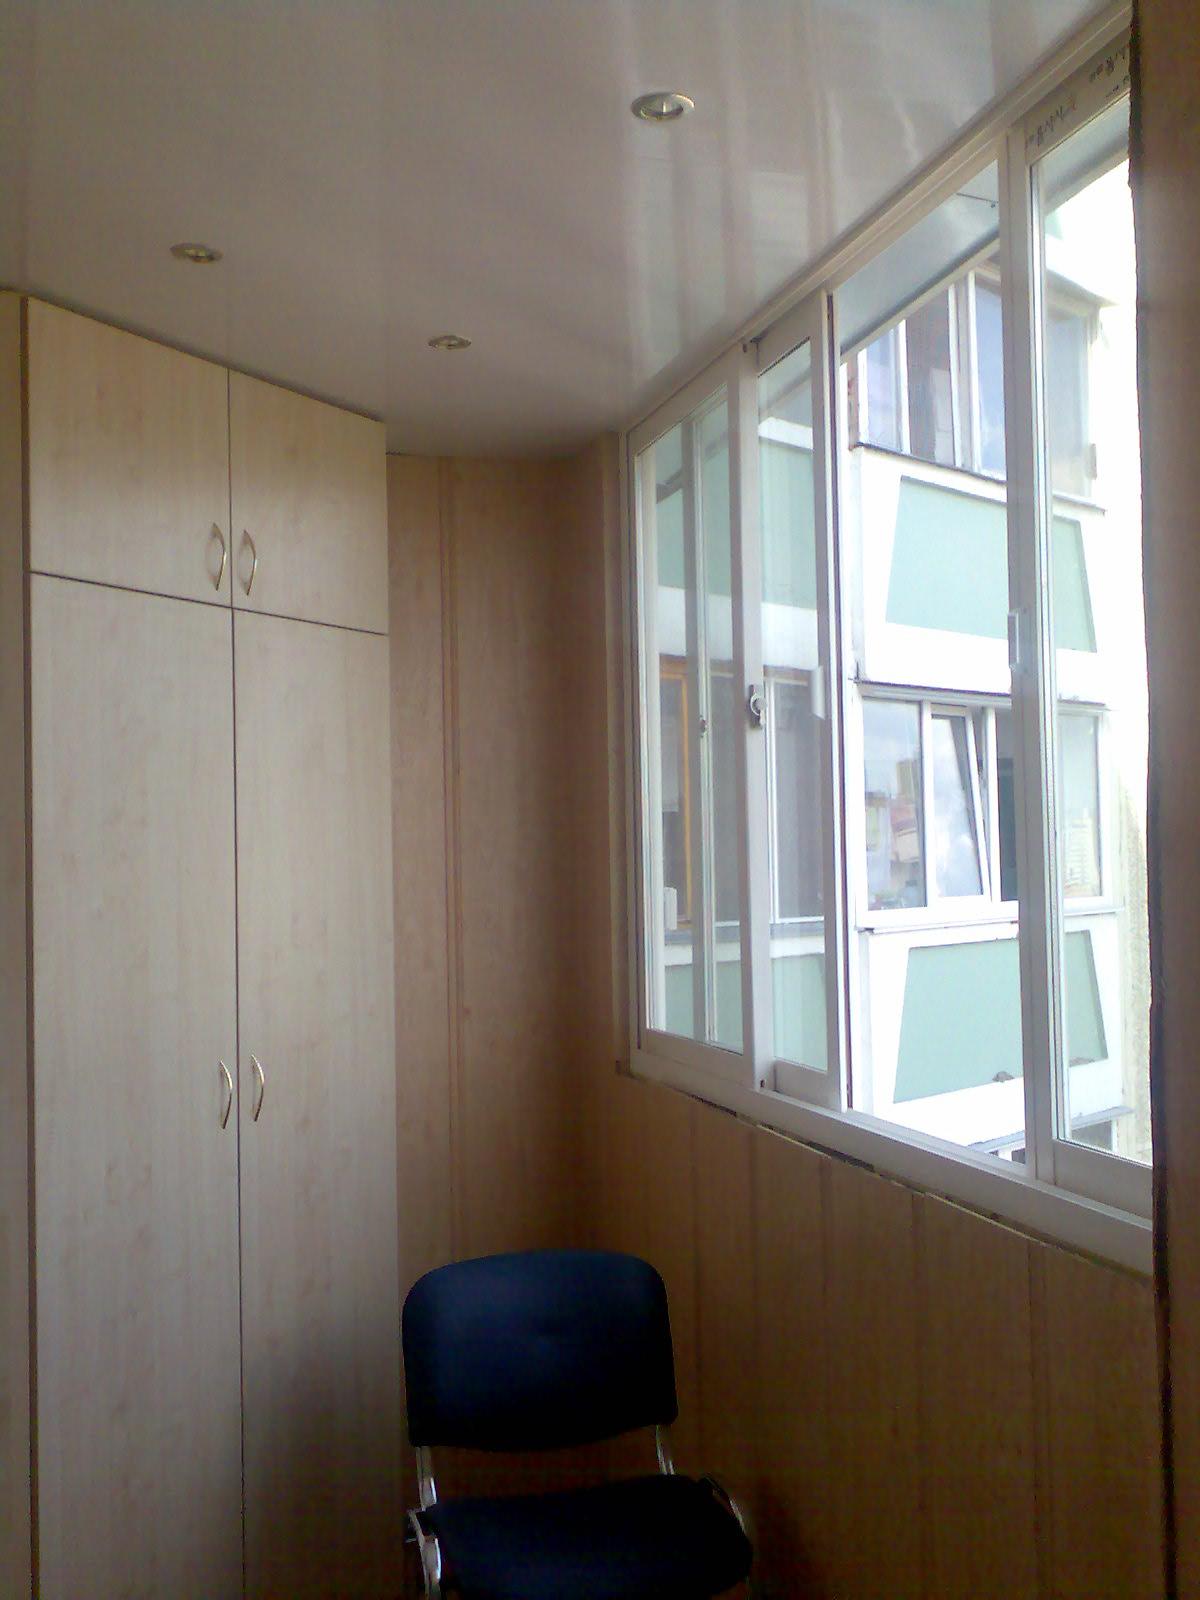 Оборудование балкона фото.